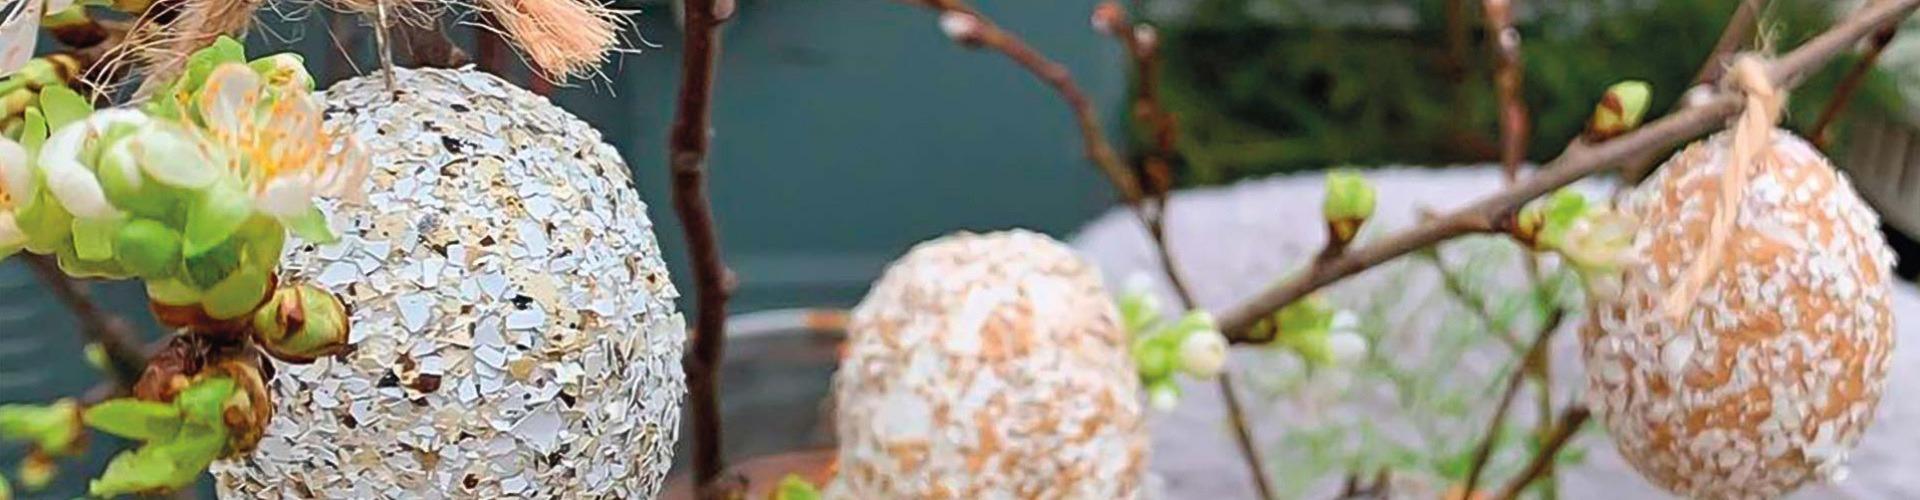 Törött héjból tojáscsoda